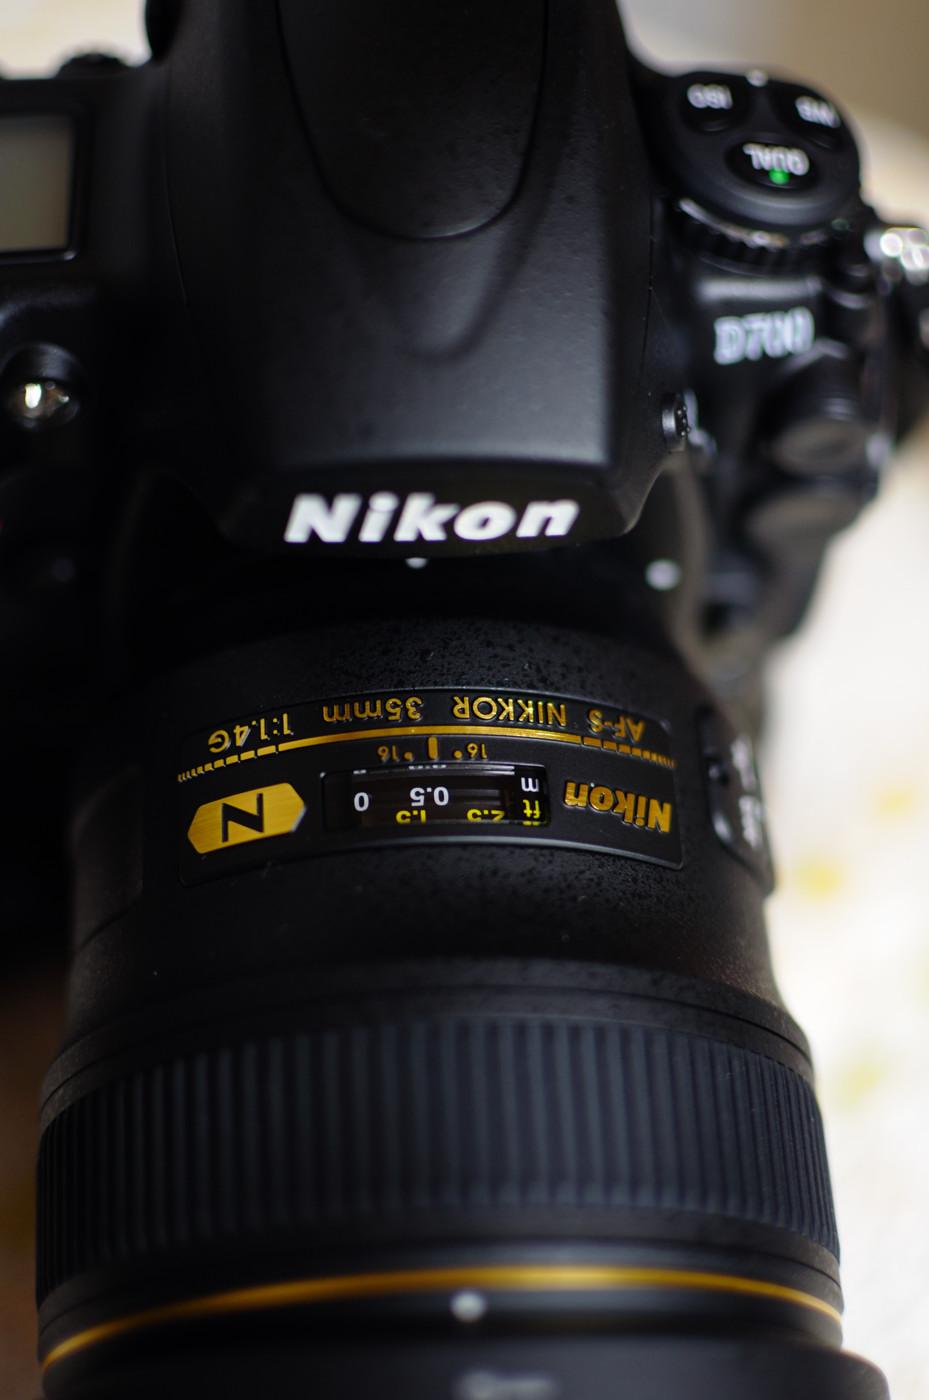 AF-S NIKKOR 35mm F1.4Gでゲソ